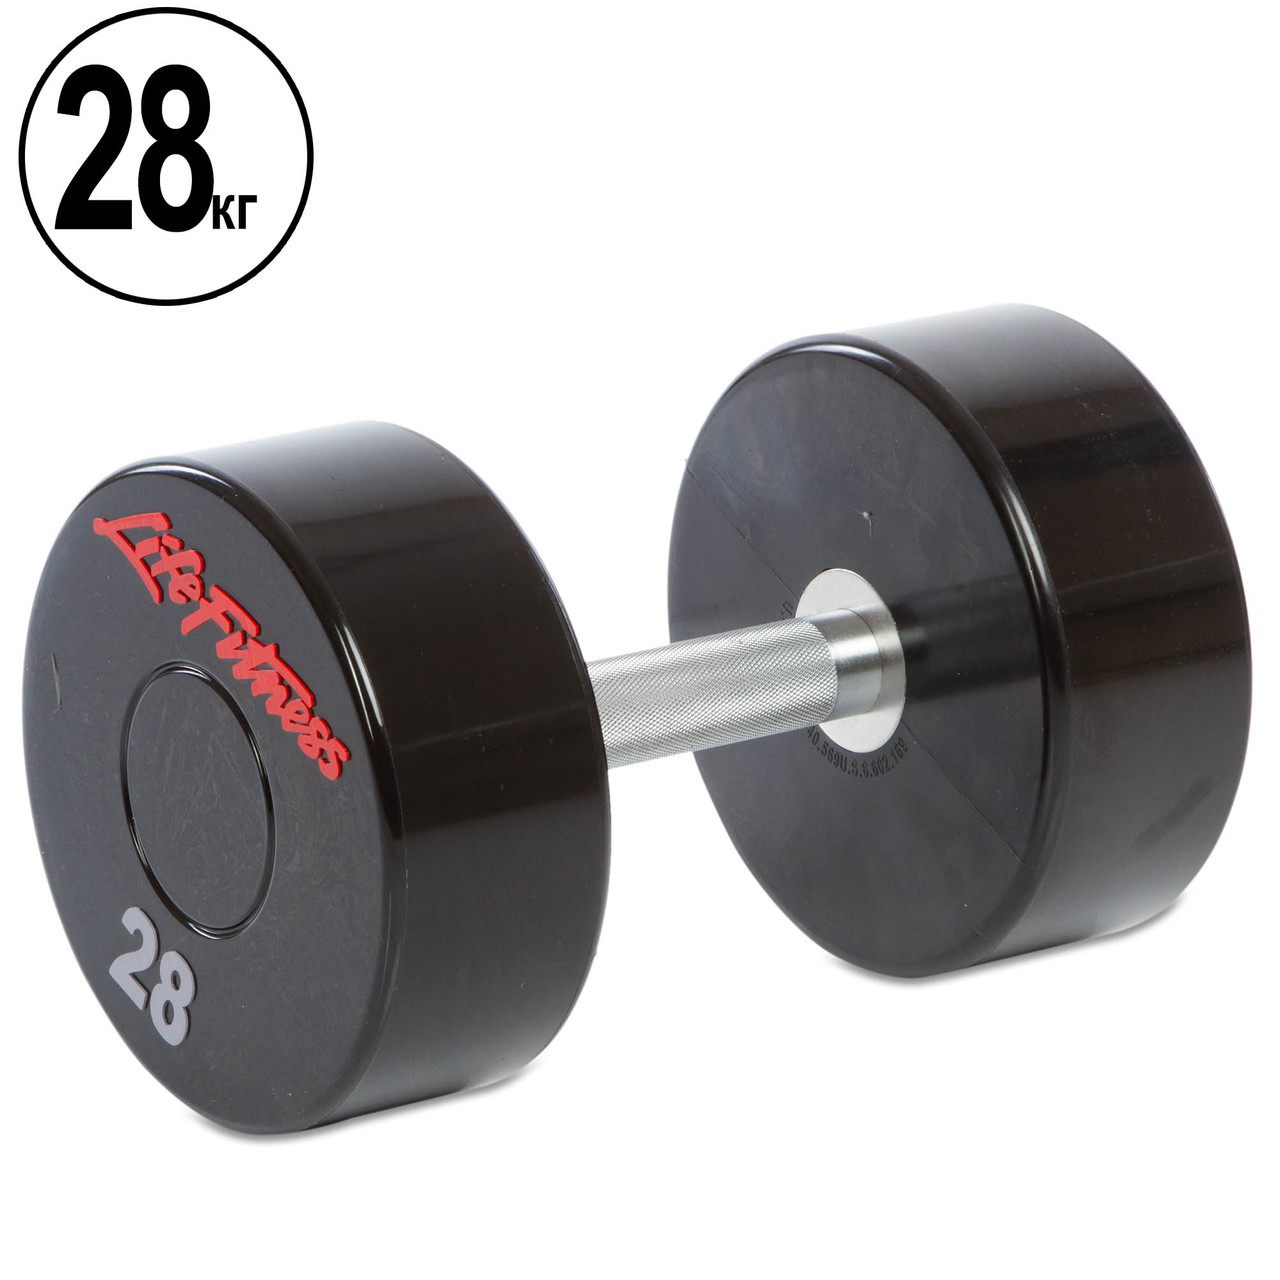 Гантель 28кг цілісна професійна Life Fitness (1шт) (поліуретанове покриття, вага 28кг)